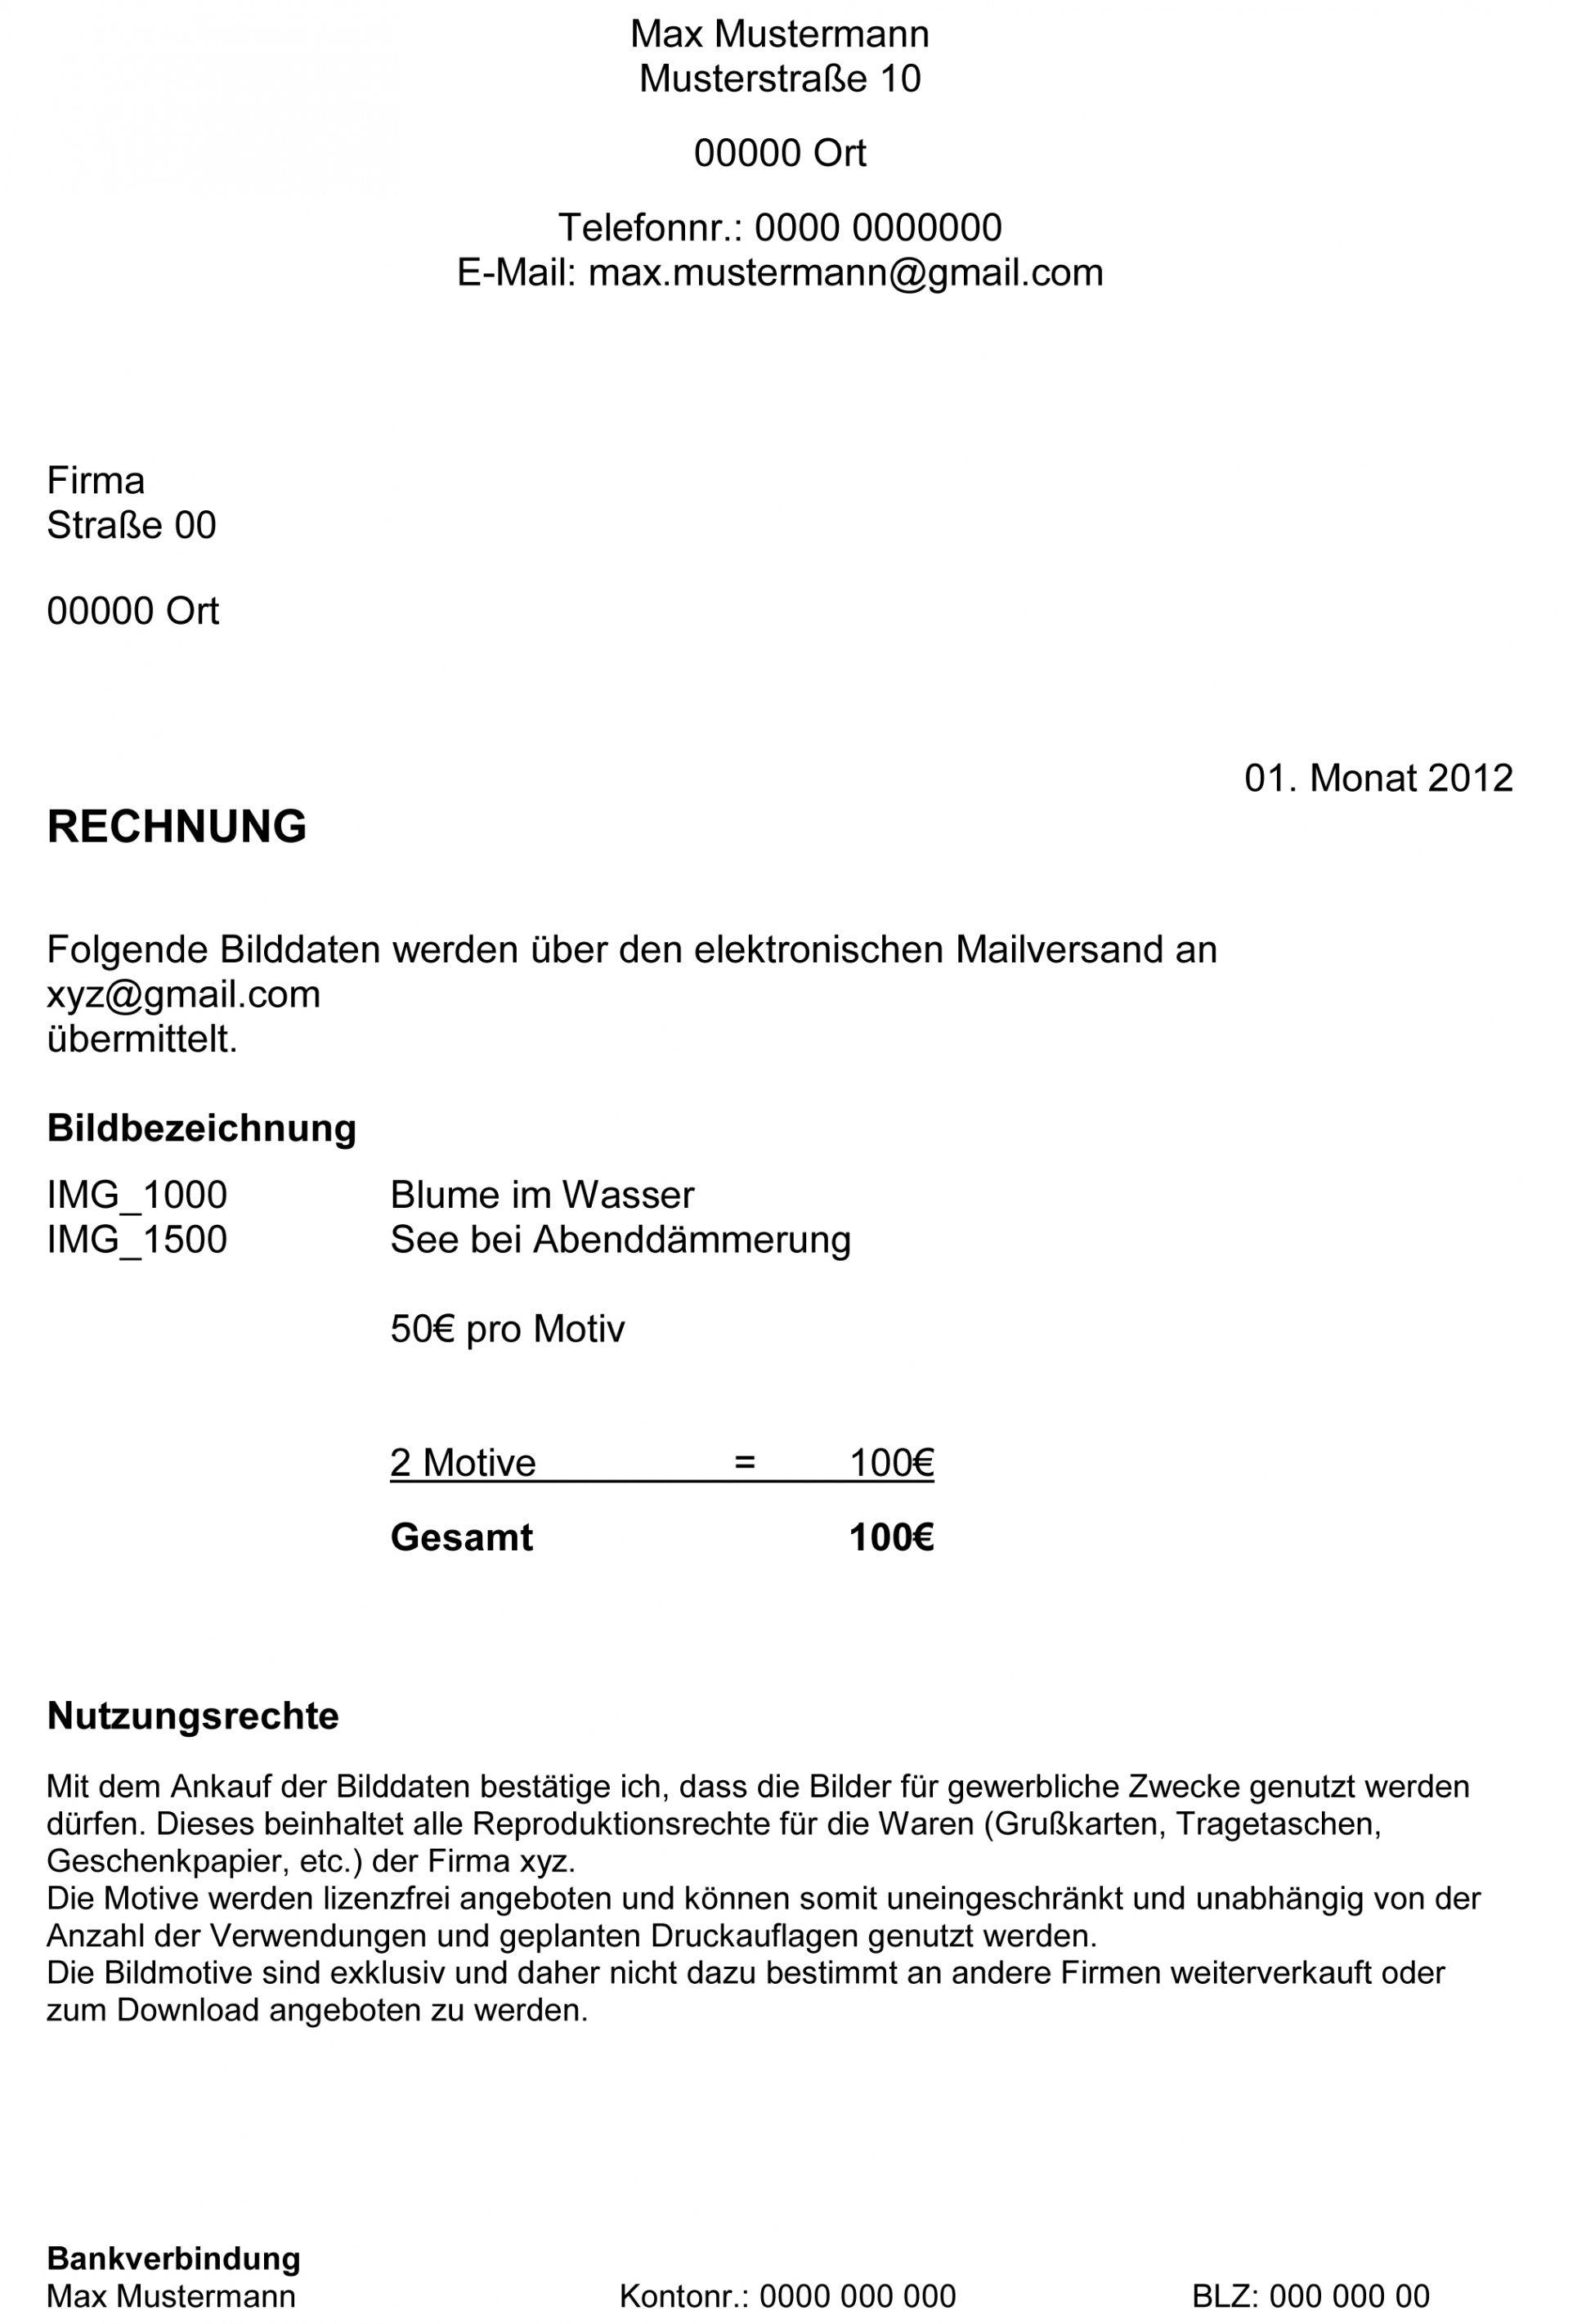 Blattern Unsere Kostenlos Von Rechnung An Vermieter Vorlage In 2020 Rechnungen Schreiben Rechnung Vorlage Rechnungsvorlage